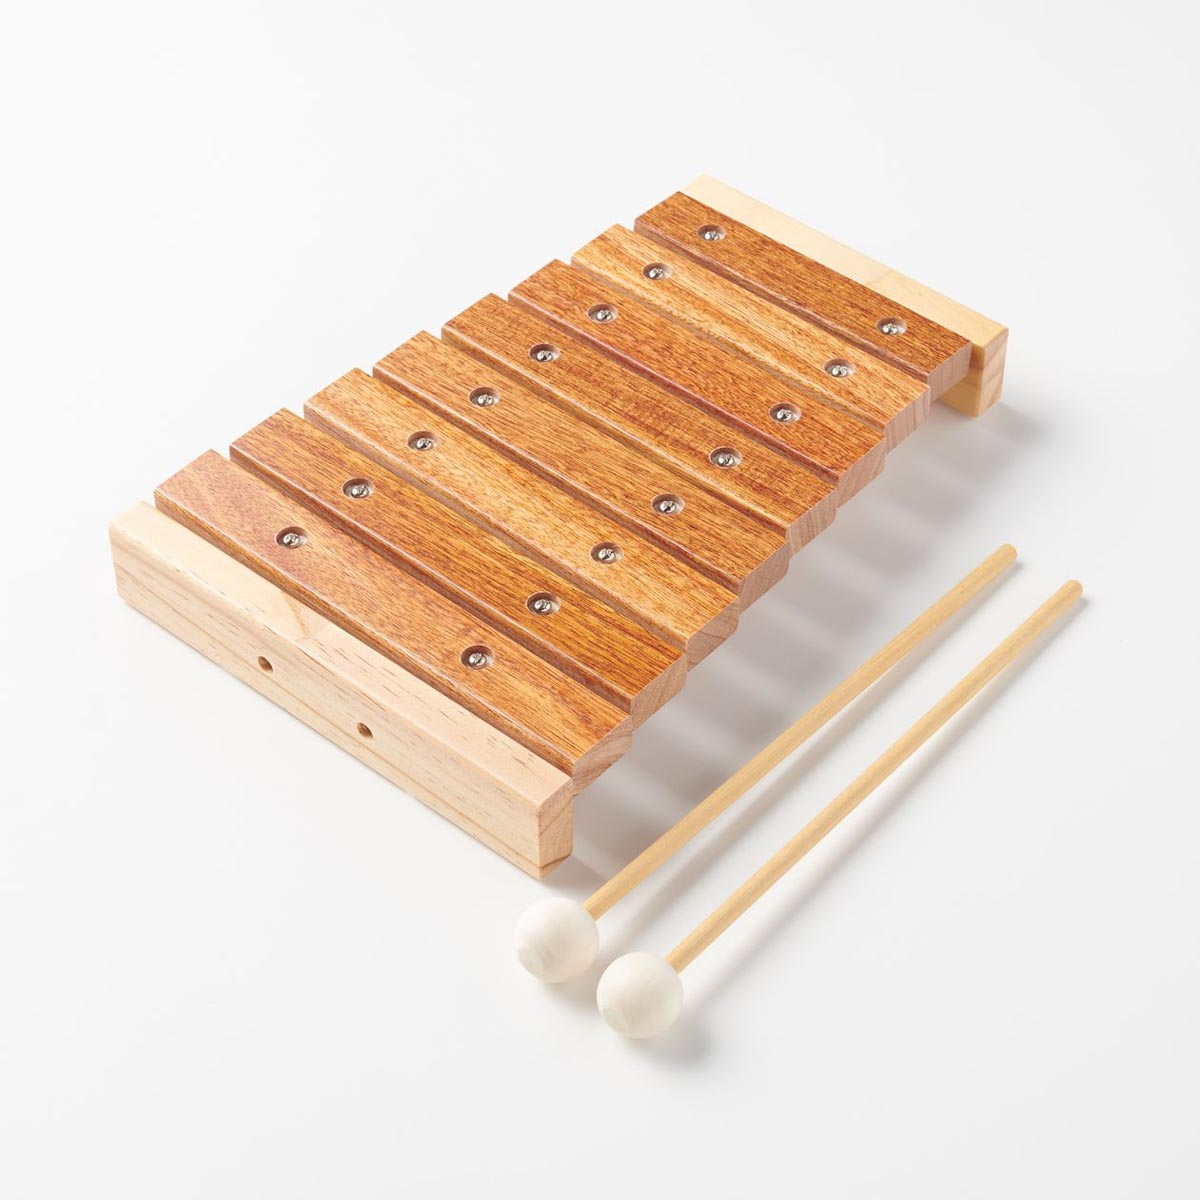 無印良品 公式 はじめての楽器 直営限定アウトレット 対象年齢3歳以上 Seasonal Wrap入荷 ミニシロホン